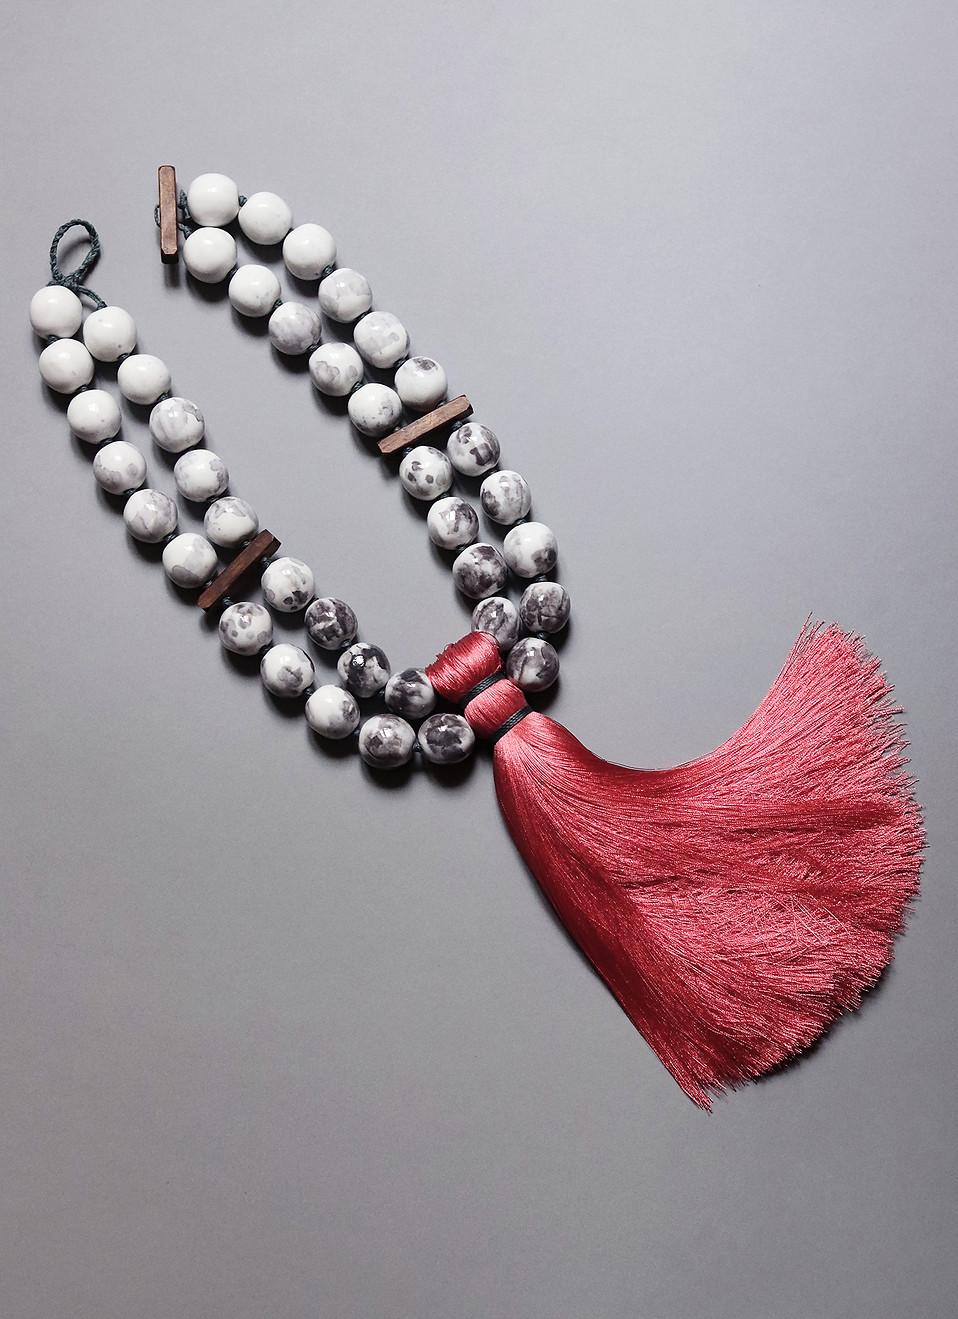 Collier oversize en porcelaine émaillée blanche et grise pompon de soie - Camille Estivals